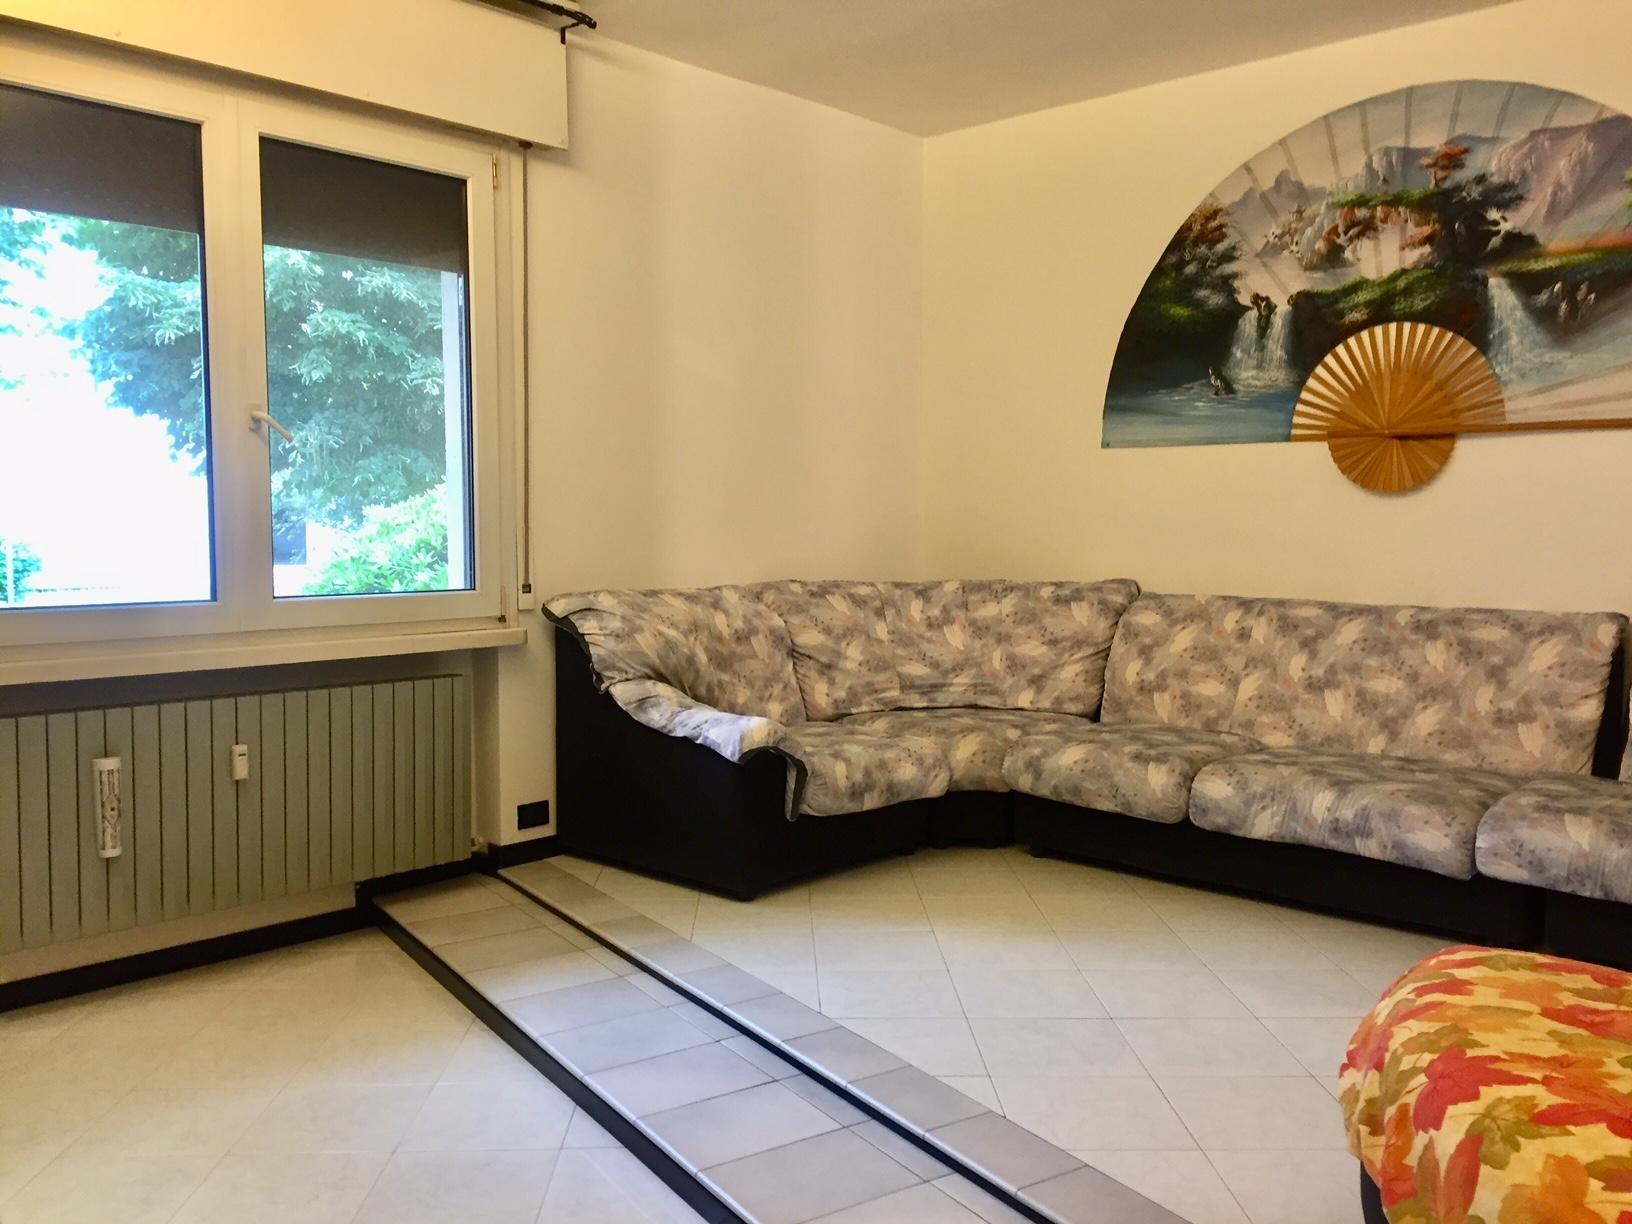 Appartamento in affitto a Fuori Mura Est, Treviso (TV)